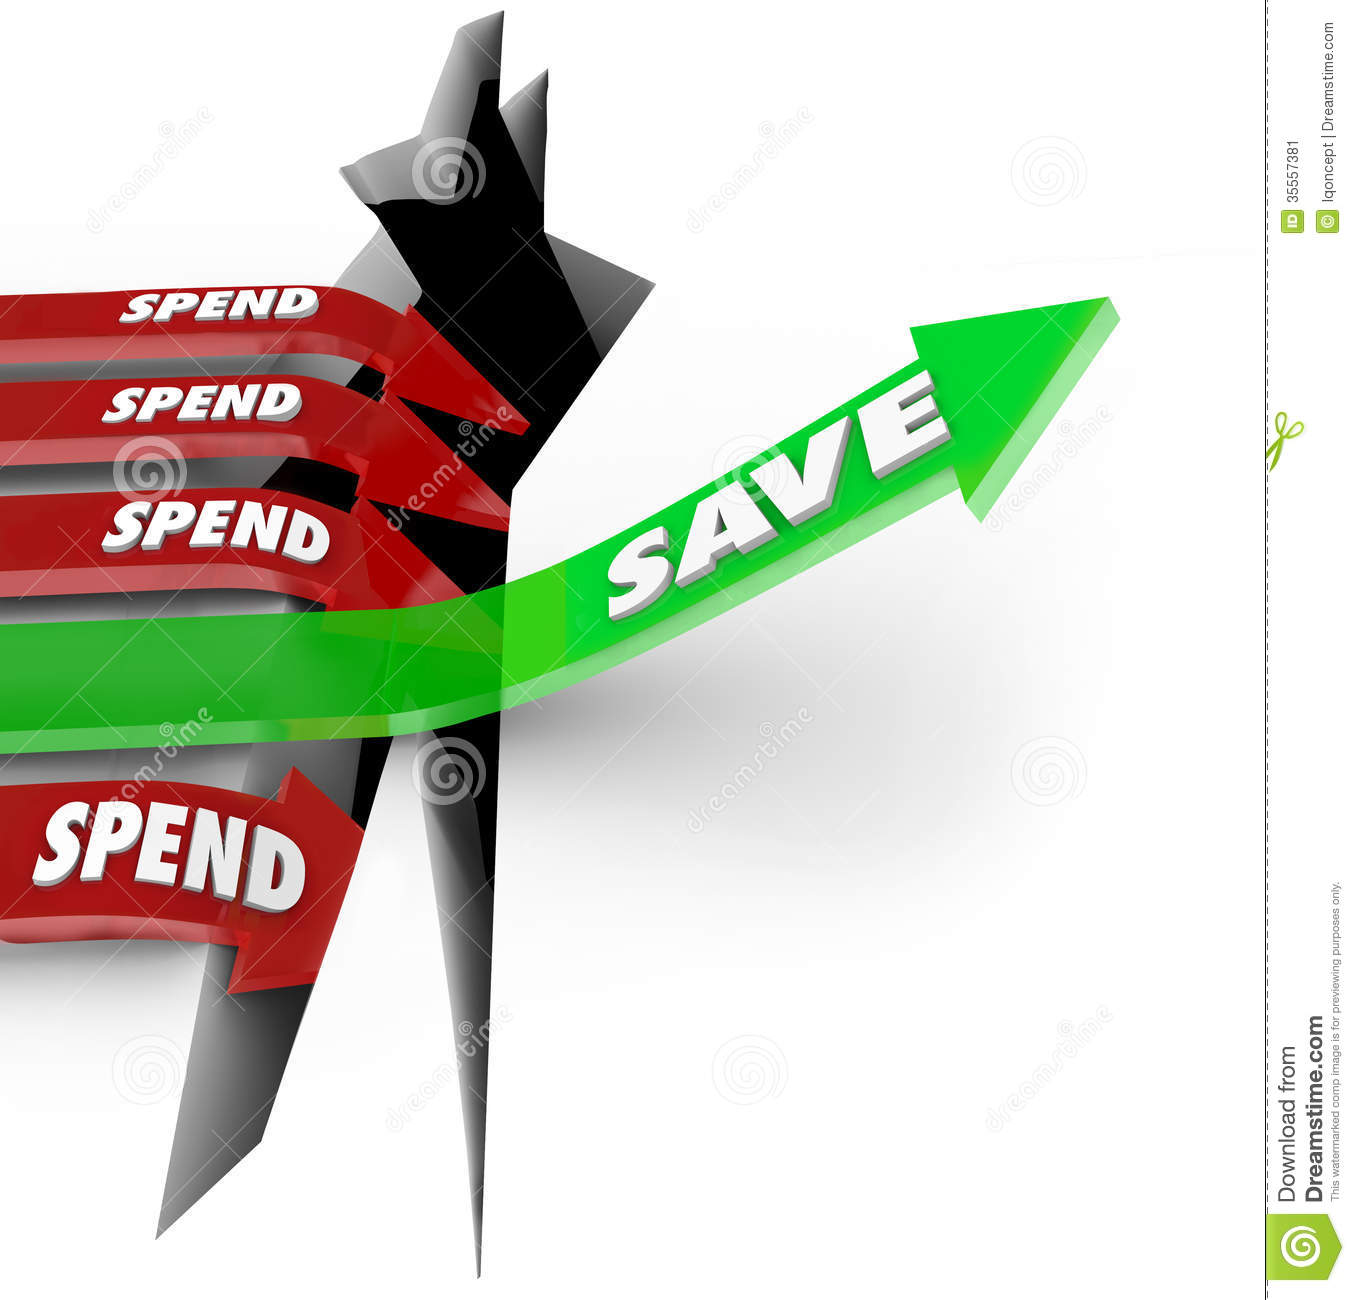 Arrow clipart money Panda spend%20money%20clipart Images Clipart Save